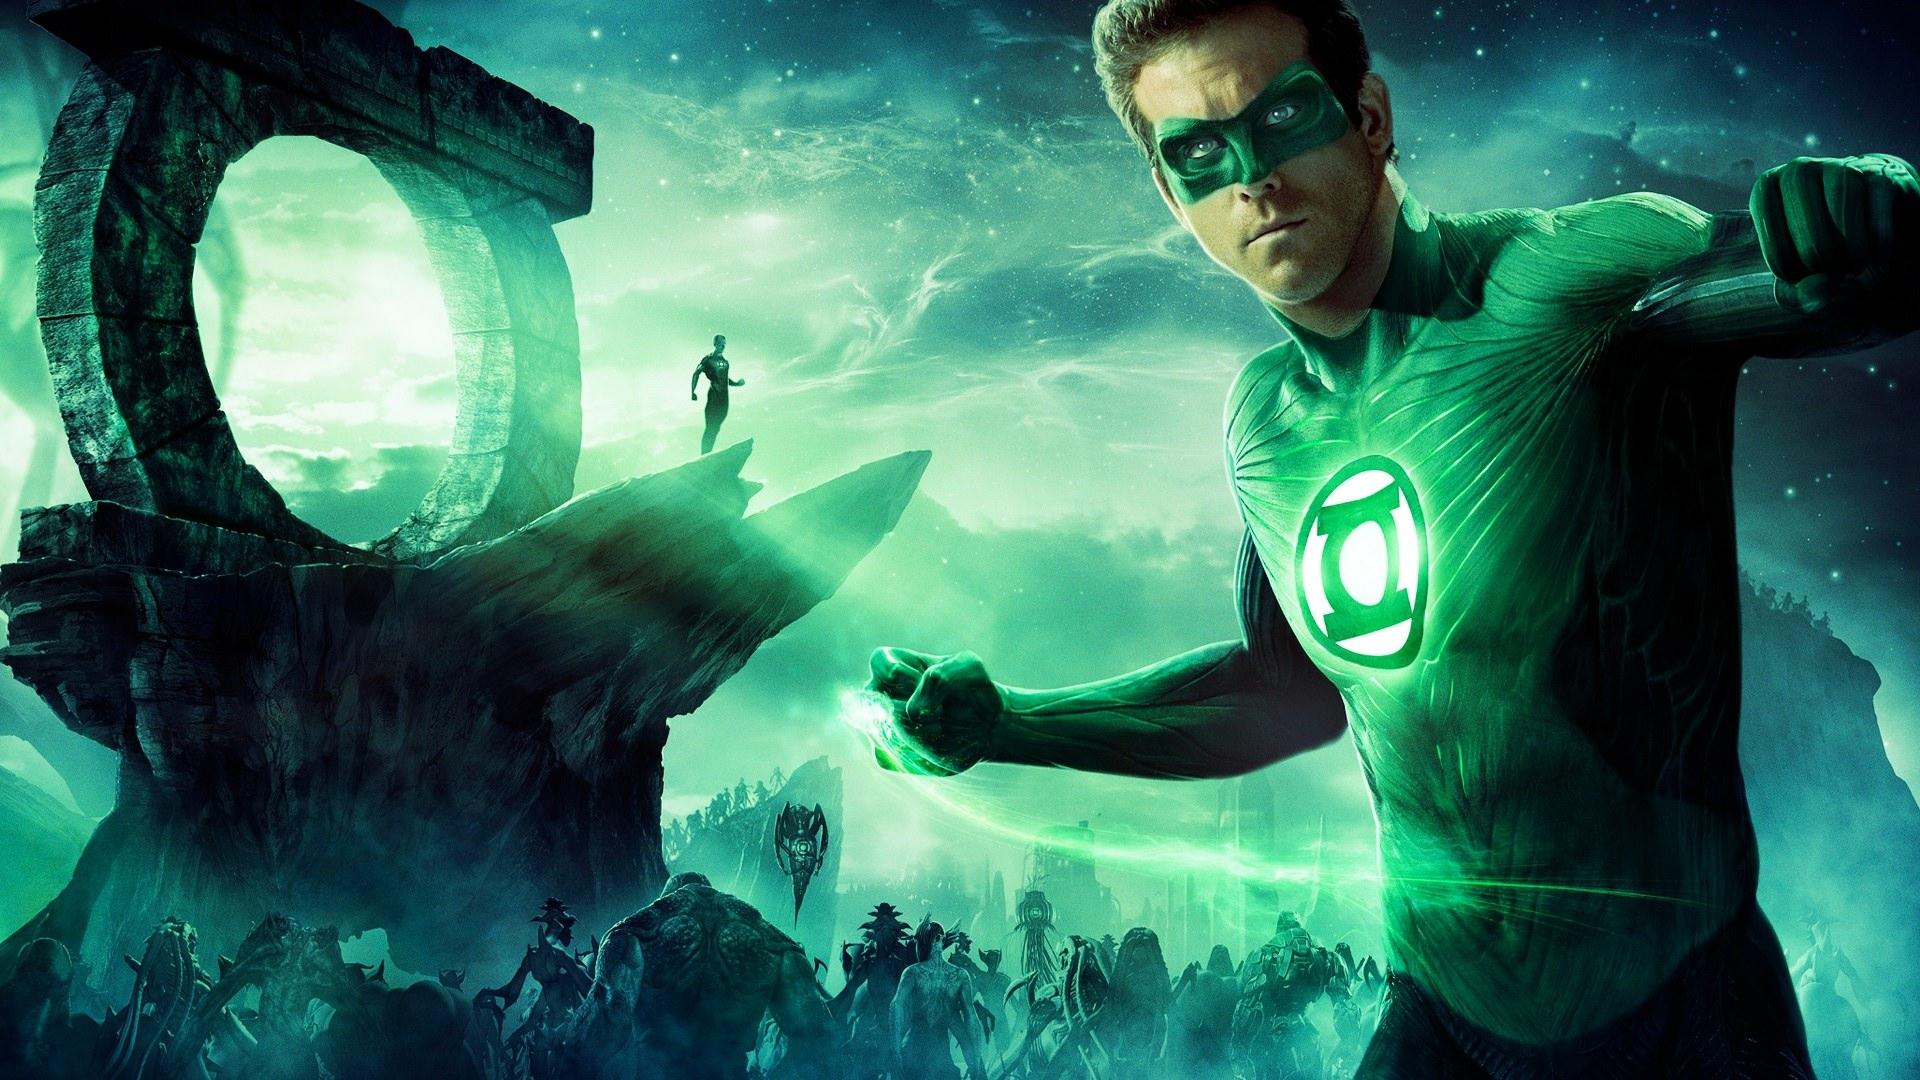 green-lantern-wallpapers-